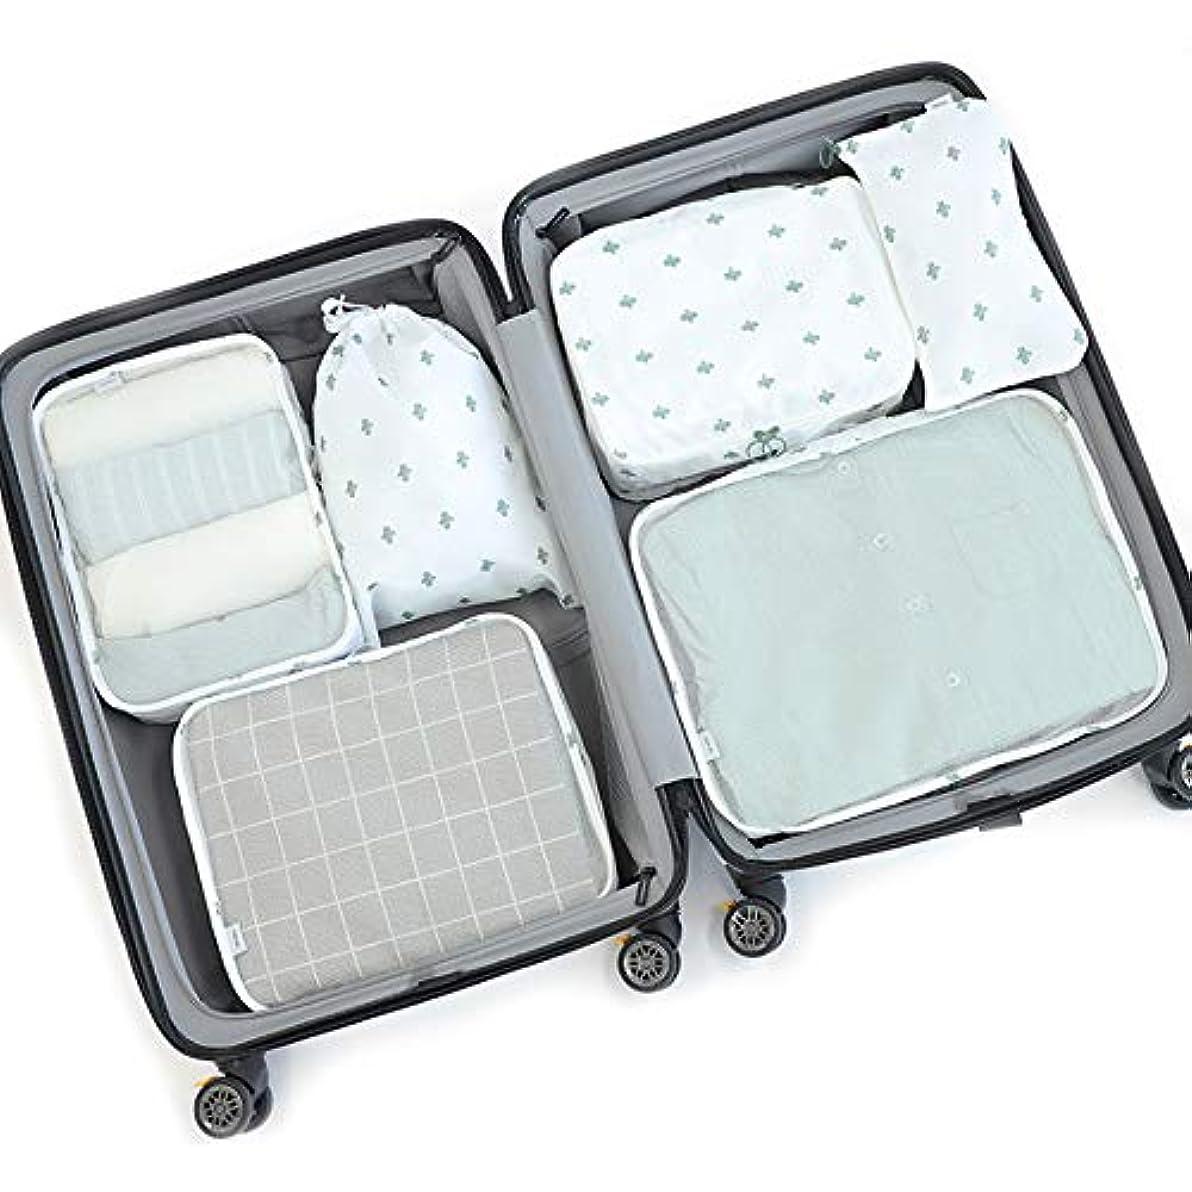 呼吸する出口欠員トラベルポーチ 6点セット 収納ポーチ 旅行用 衣類 バッグ ケース 化粧ポーチ メンズ 大容量 防水